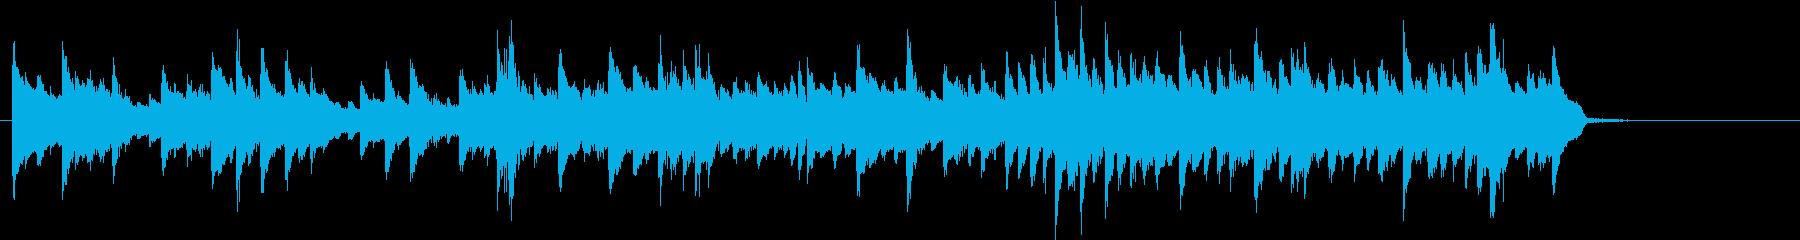 ほのぼのと癒されるピアノ曲の再生済みの波形